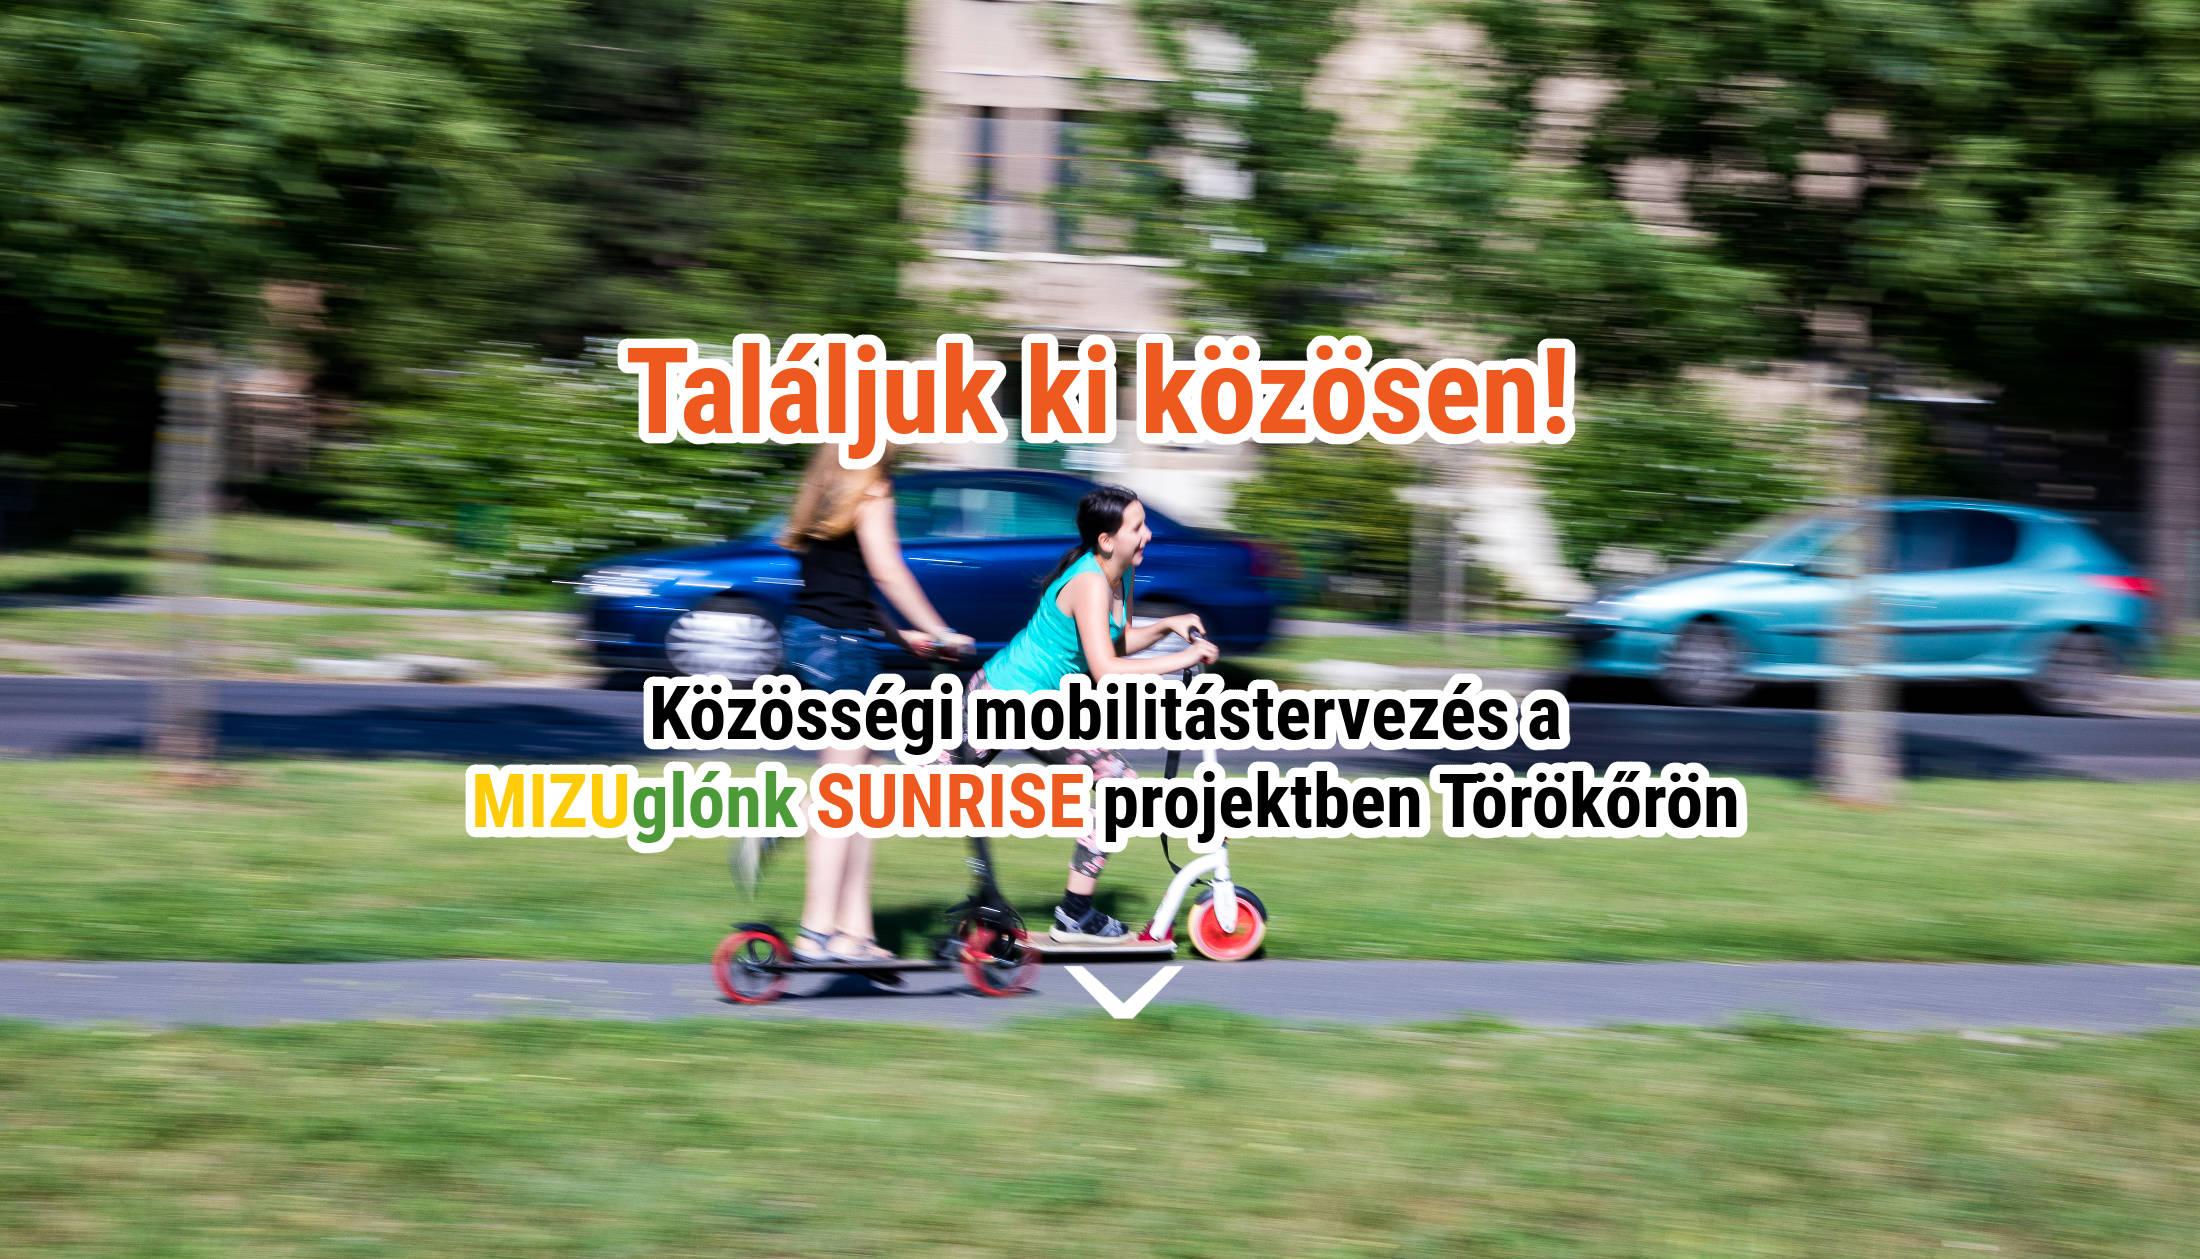 2017.07.13. Mobilitás illusztráció.